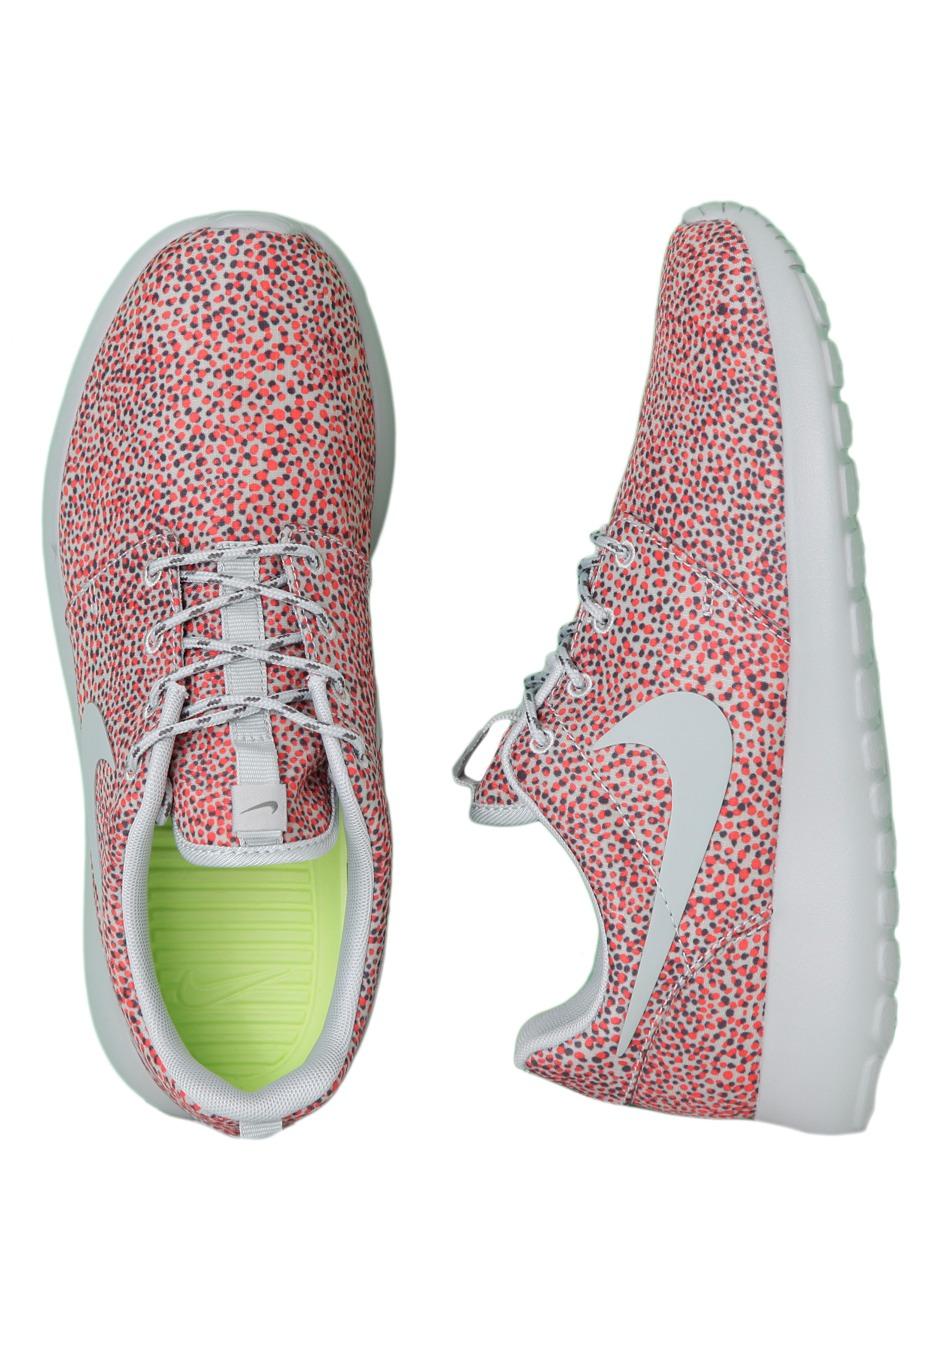 b3e17749bb08 ... Nike - Roshe Run Print Multi White - Girl Shoes - Impericon.com UK ...